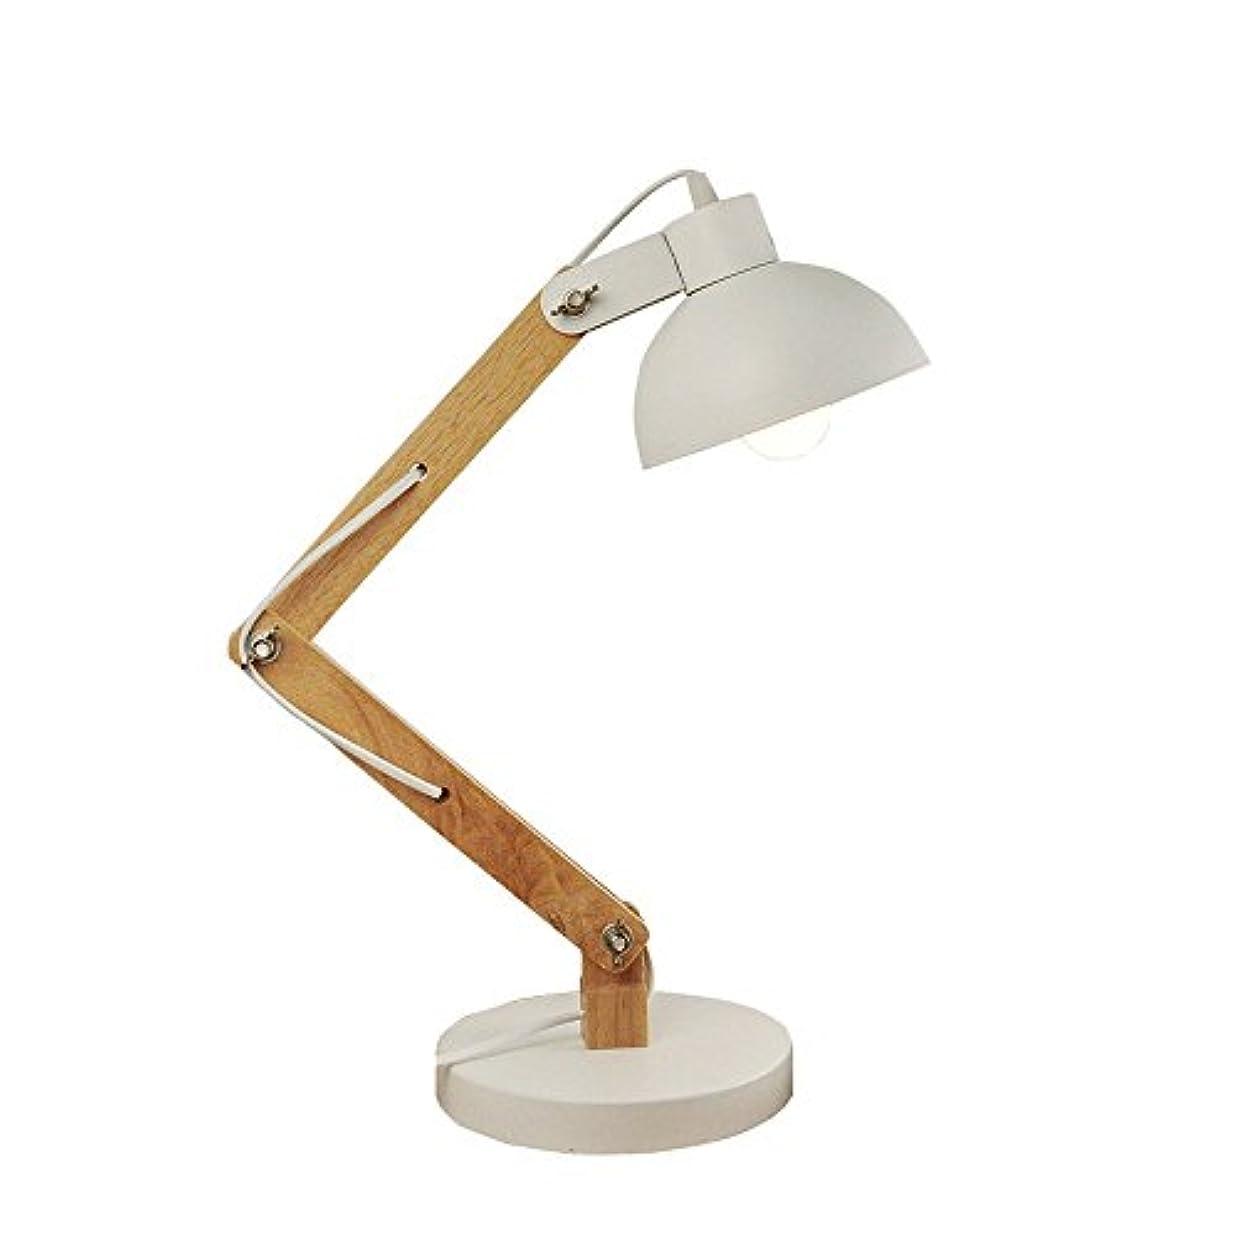 樫の木ニコチンひねり北欧木製テーブルランプ調節可能なLEDデスクランプブラック/ホワイトデスク読書ランプリビングルームスタディデスクデコレーションランプ (Color : White)